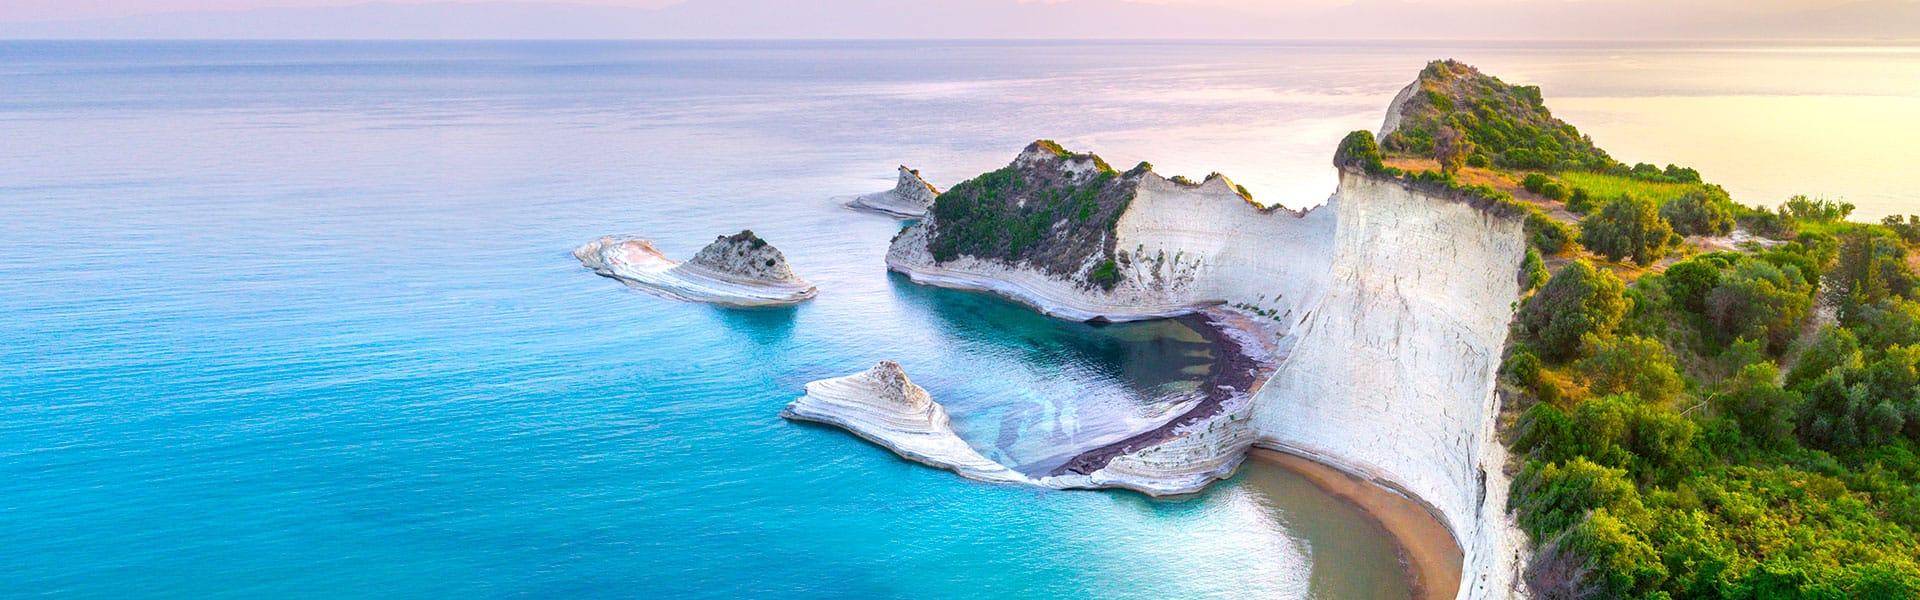 איי יוון: סנטוריני, אתונה וקרואטיה לוונציה